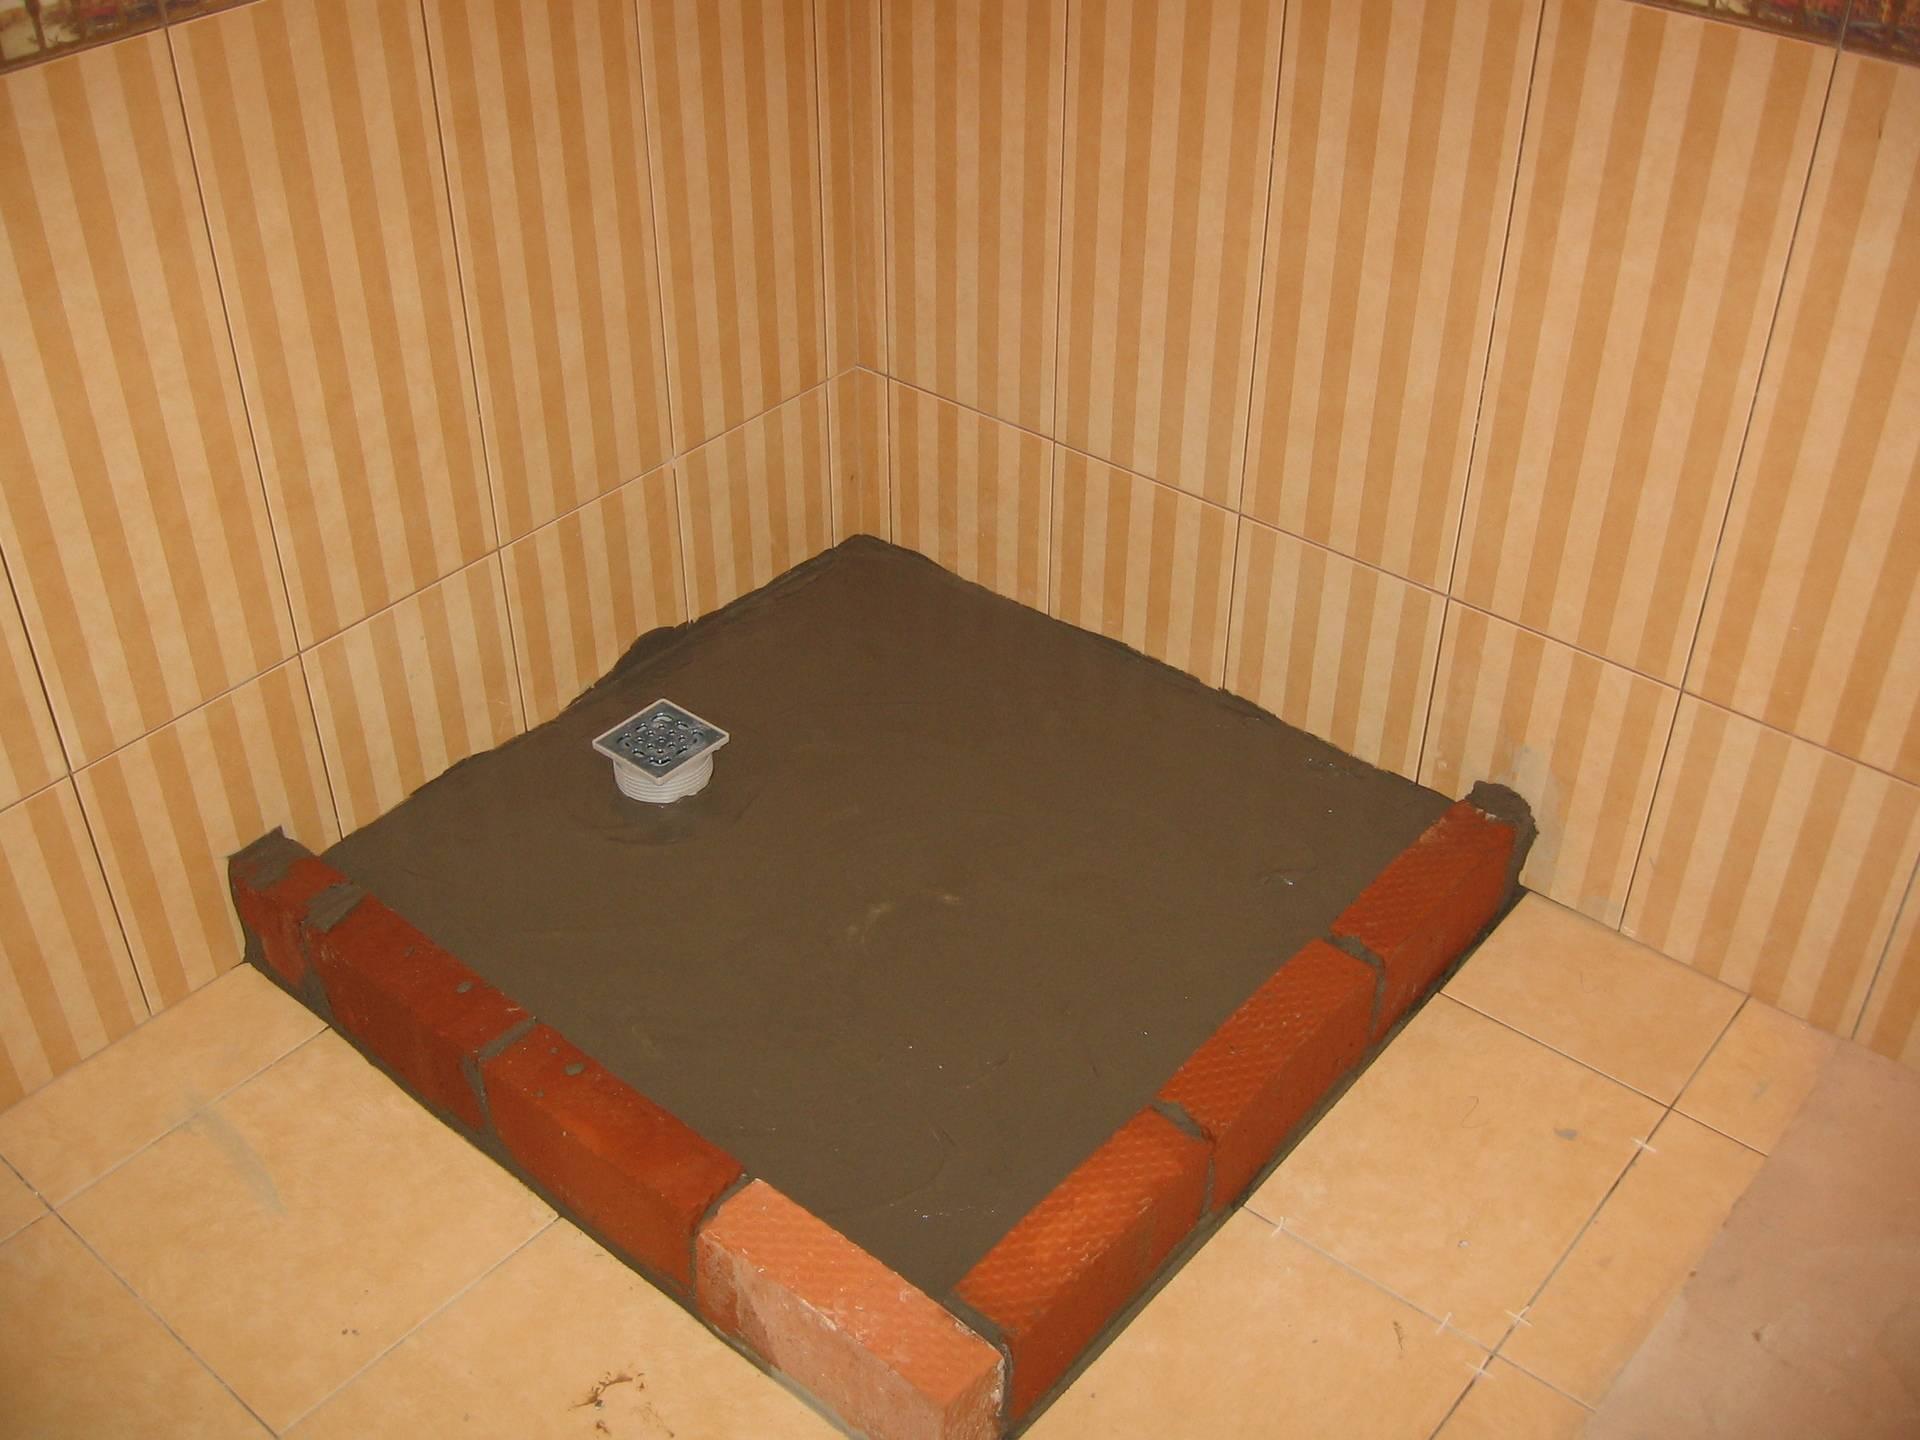 Установка душевой кабины в частном деревянном доме своими руками (инструкция)